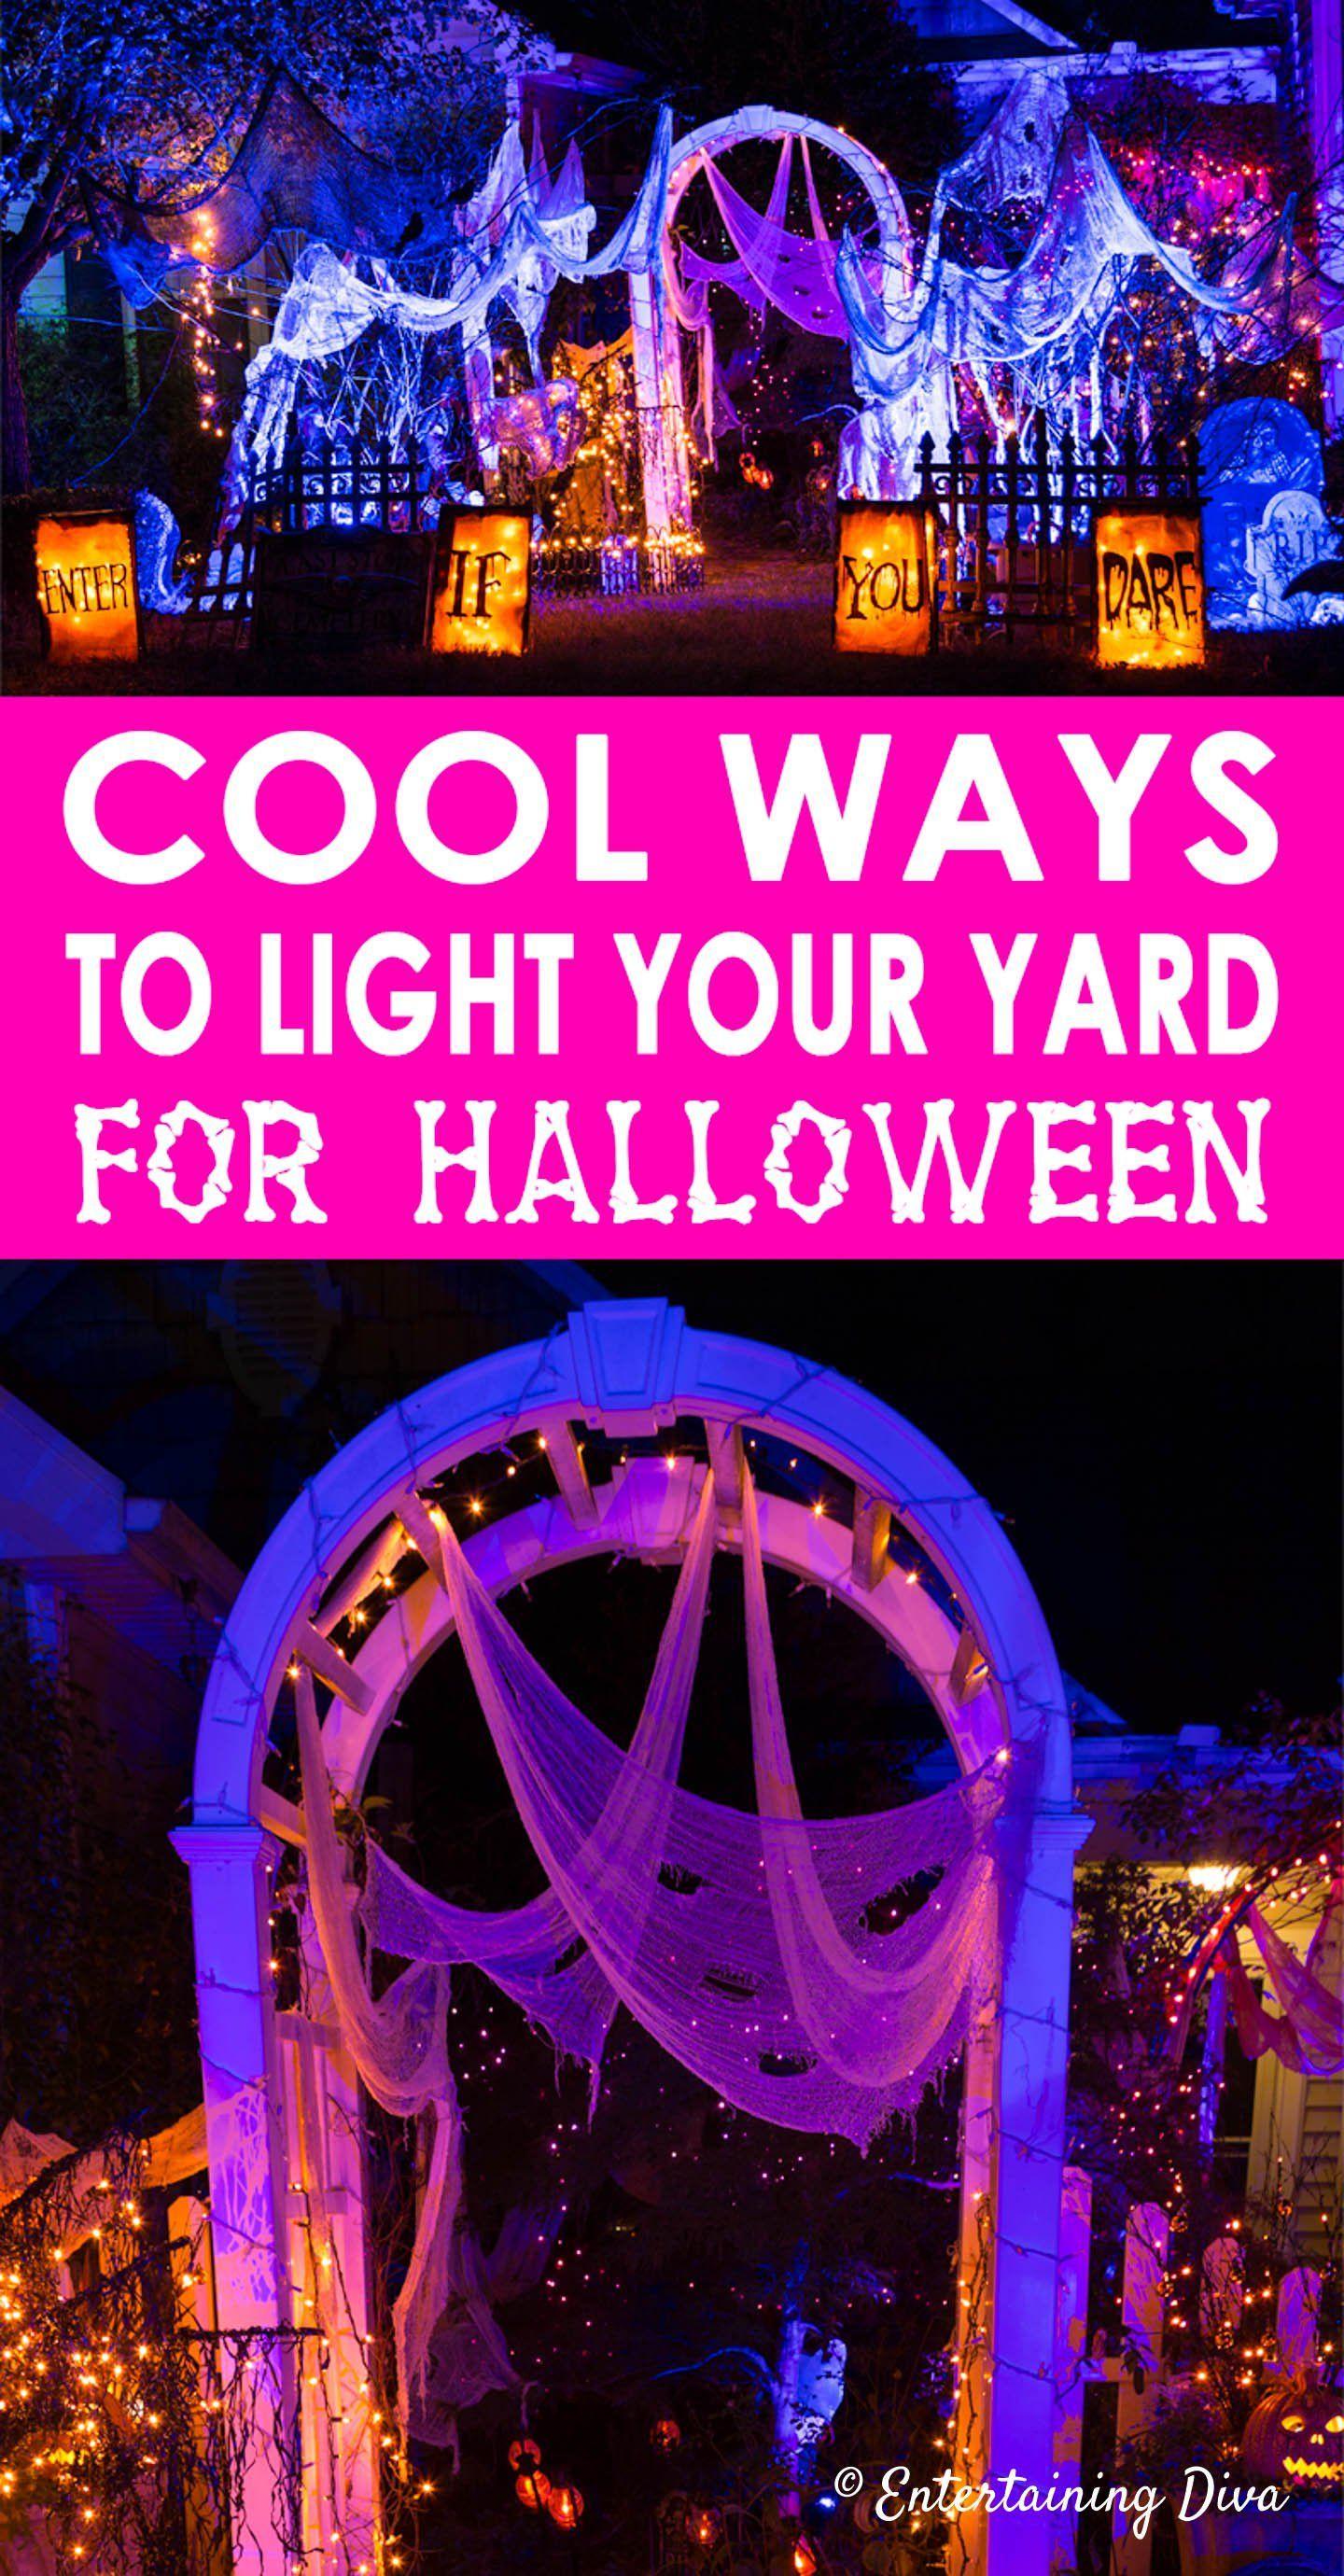 Pin on Best Halloween Ideas